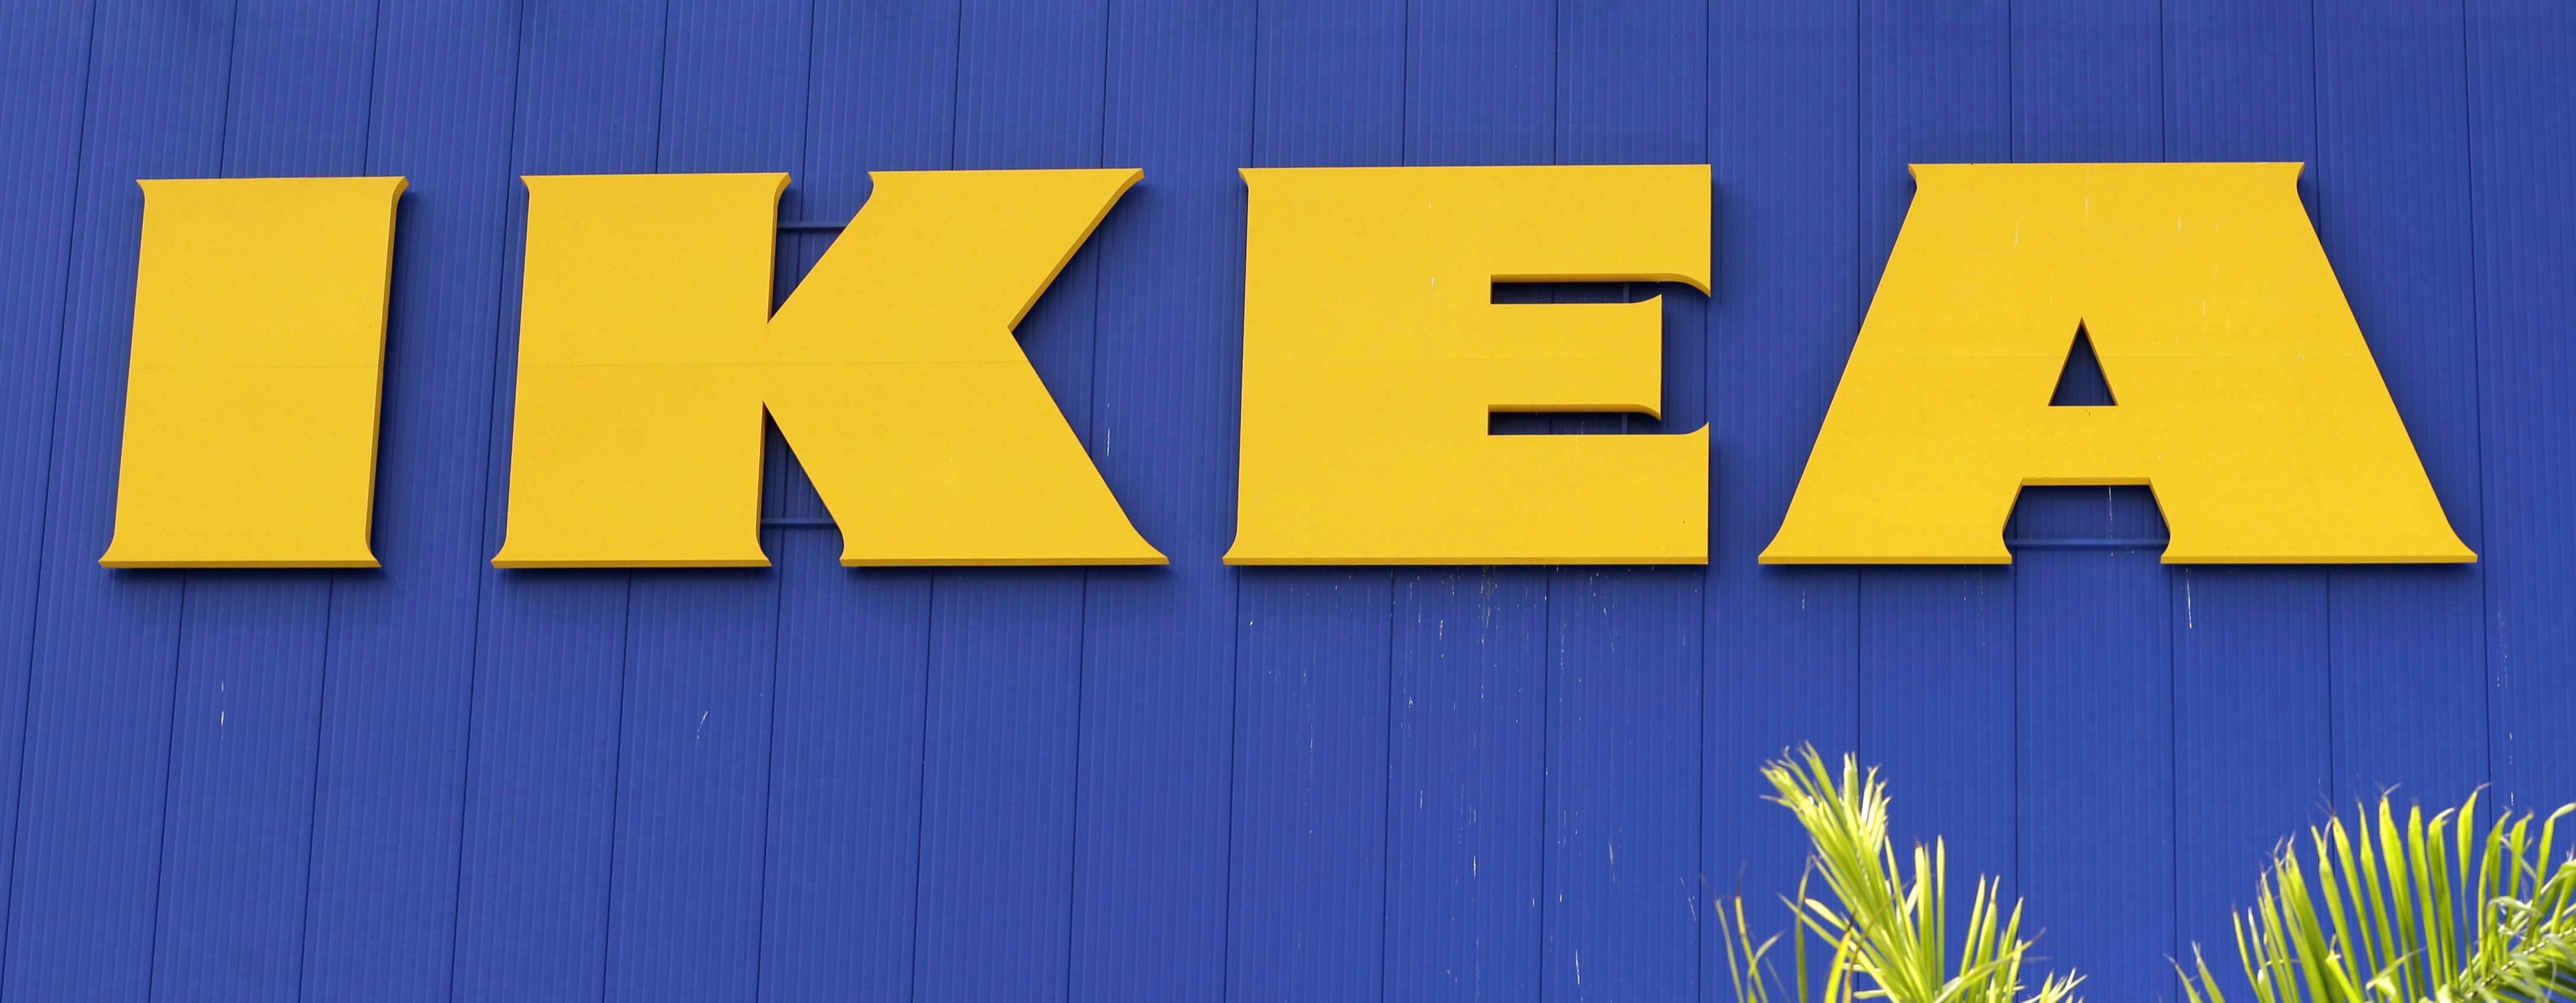 Memilih Meja Makan Masa Kini di IKEA